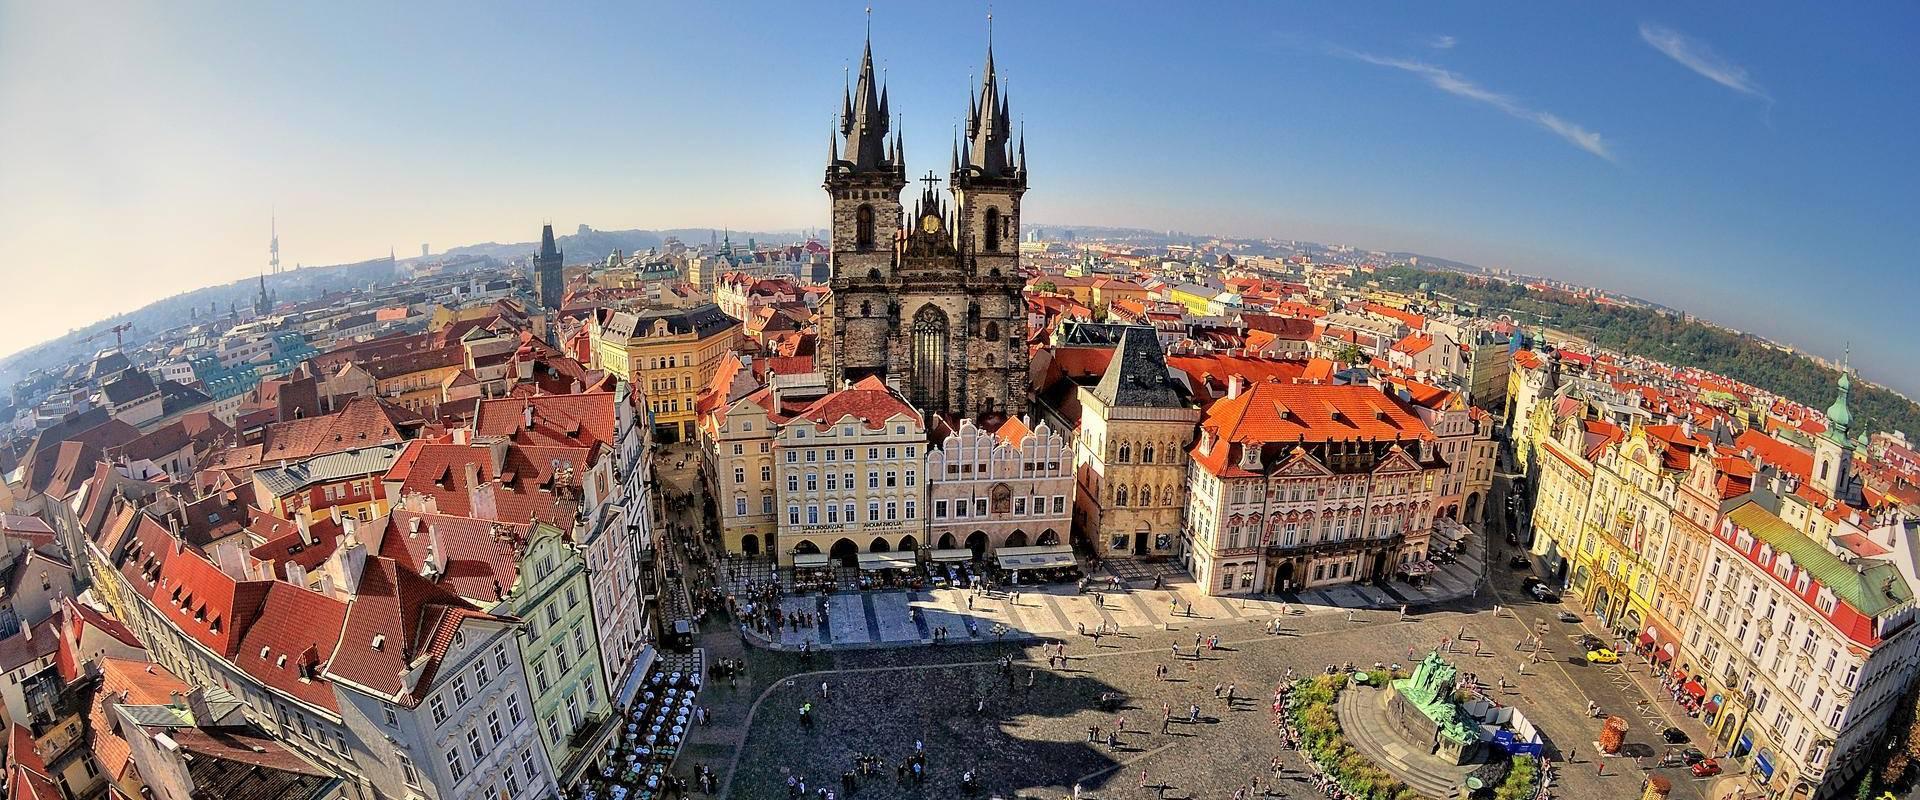 туры в Чехию из Бобруйска, Солигорска, Минска, Жлобина, Осиповичей